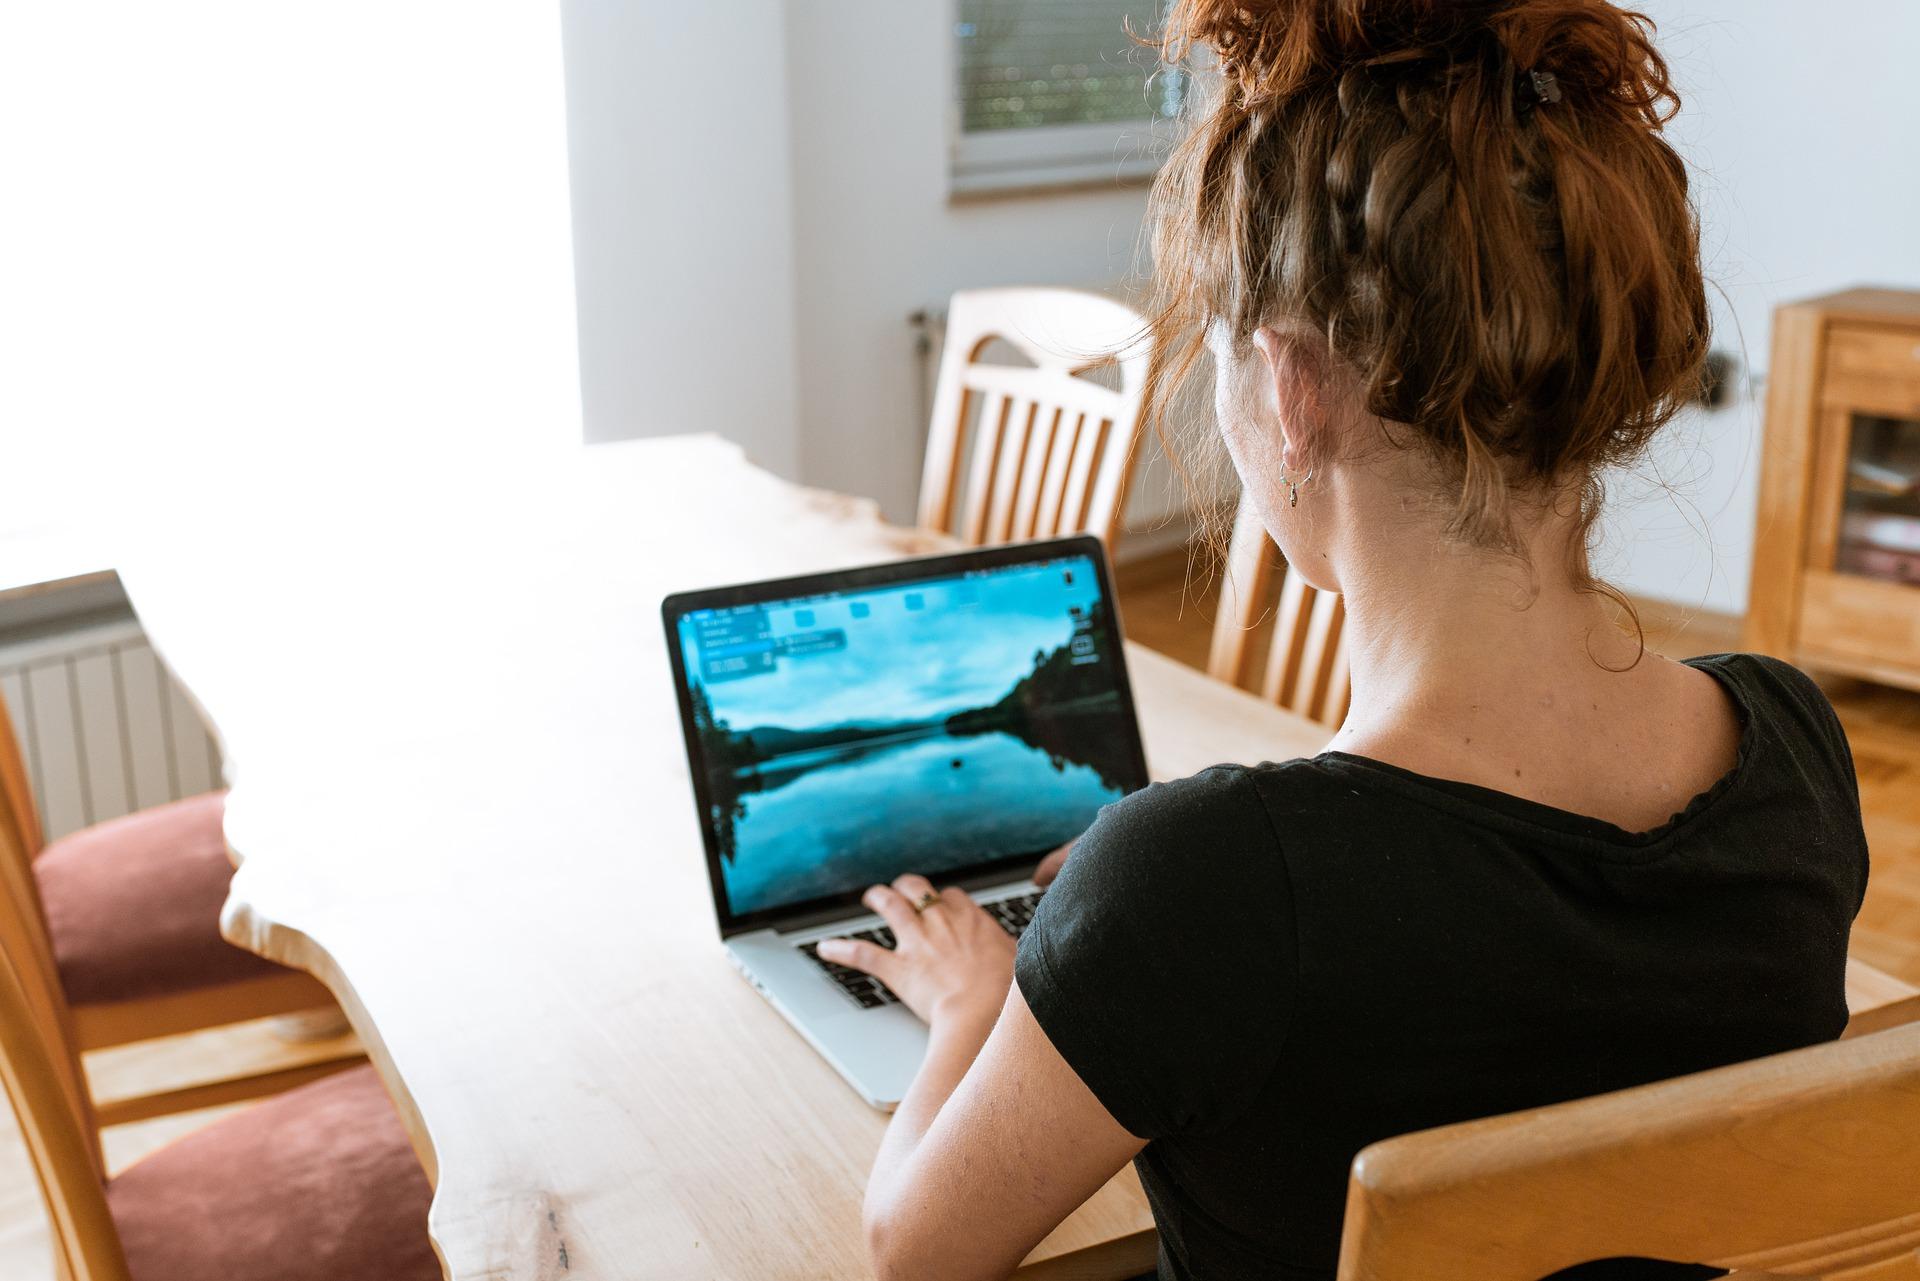 Vemos uma mulher trabalhando no computador em sua casa (imagem ilustrativa). Texto: franquias baratas de roupas.